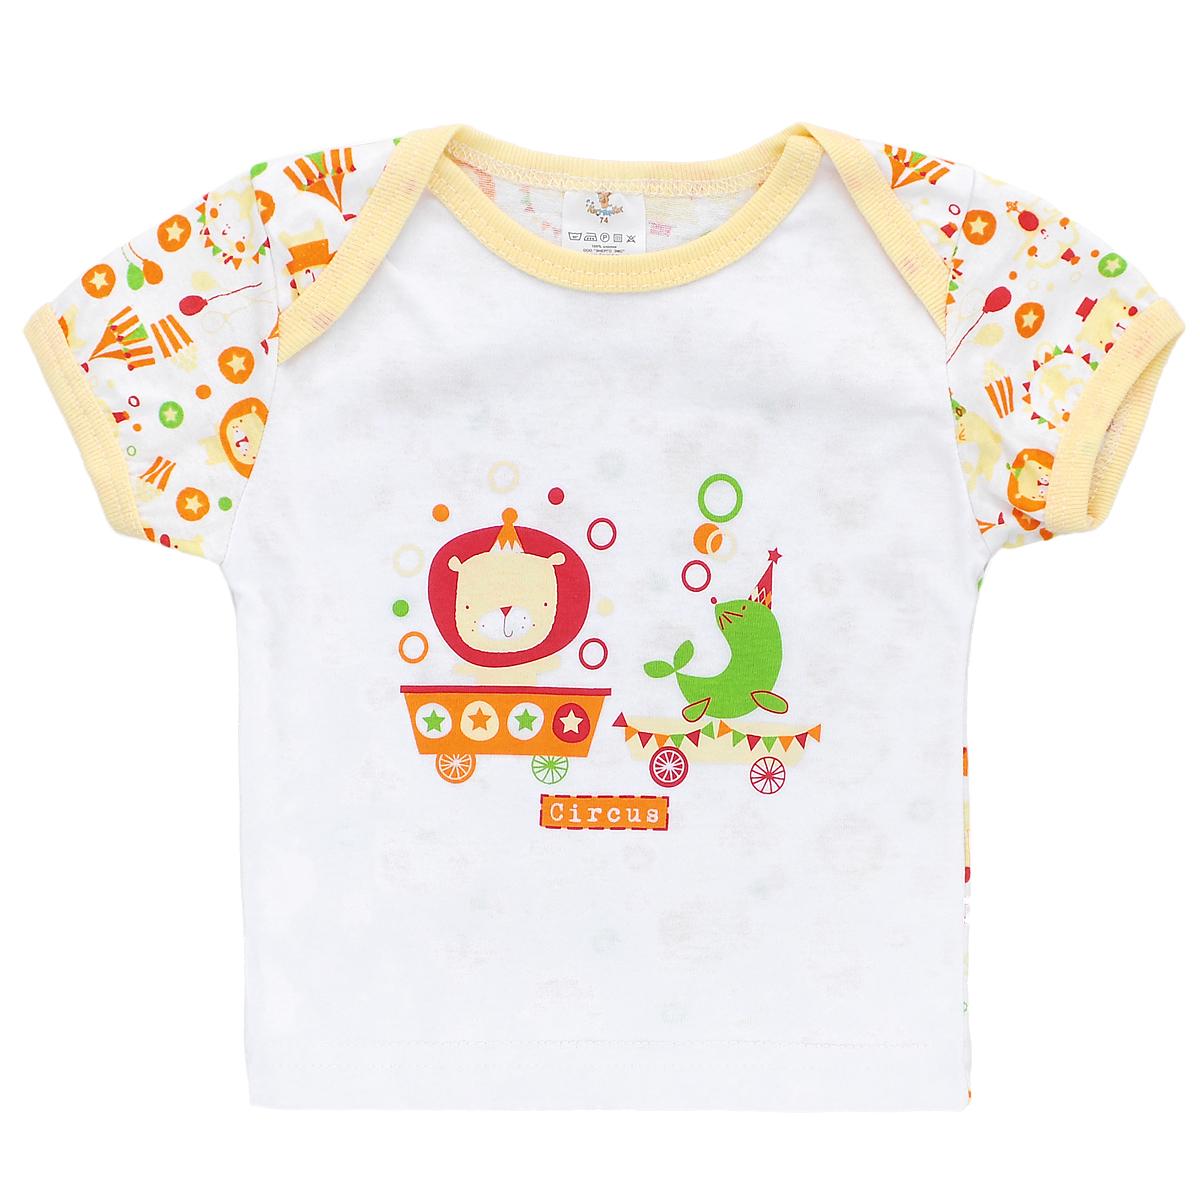 Футболка детская КотМарКот, цвет: белый, желтый. 7743. Размер 80, 12 месяцев7743Детская футболка КотМарКот для новорожденного послужит идеальным дополнением к гардеробу вашего малыша, обеспечивая ему наибольший комфорт. Изготовленная из натурального хлопка - кулирки, она необычайно мягкая и легкая, не раздражает нежную кожу ребенка и хорошо вентилируется, а эластичные швы приятны телу младенца и не препятствуют его движениям. Футболка с короткими рукавами и круглым врезом горловины имеет специальные запахи на плечах, которые позволяют без труда переодеть ребенка. На груди изделие оформлено оригинальным принтом с изображением циркового животного.Футболка полностью соответствует особенностям жизни малыша в ранний период, не стесняя и не ограничивая его в движениях.